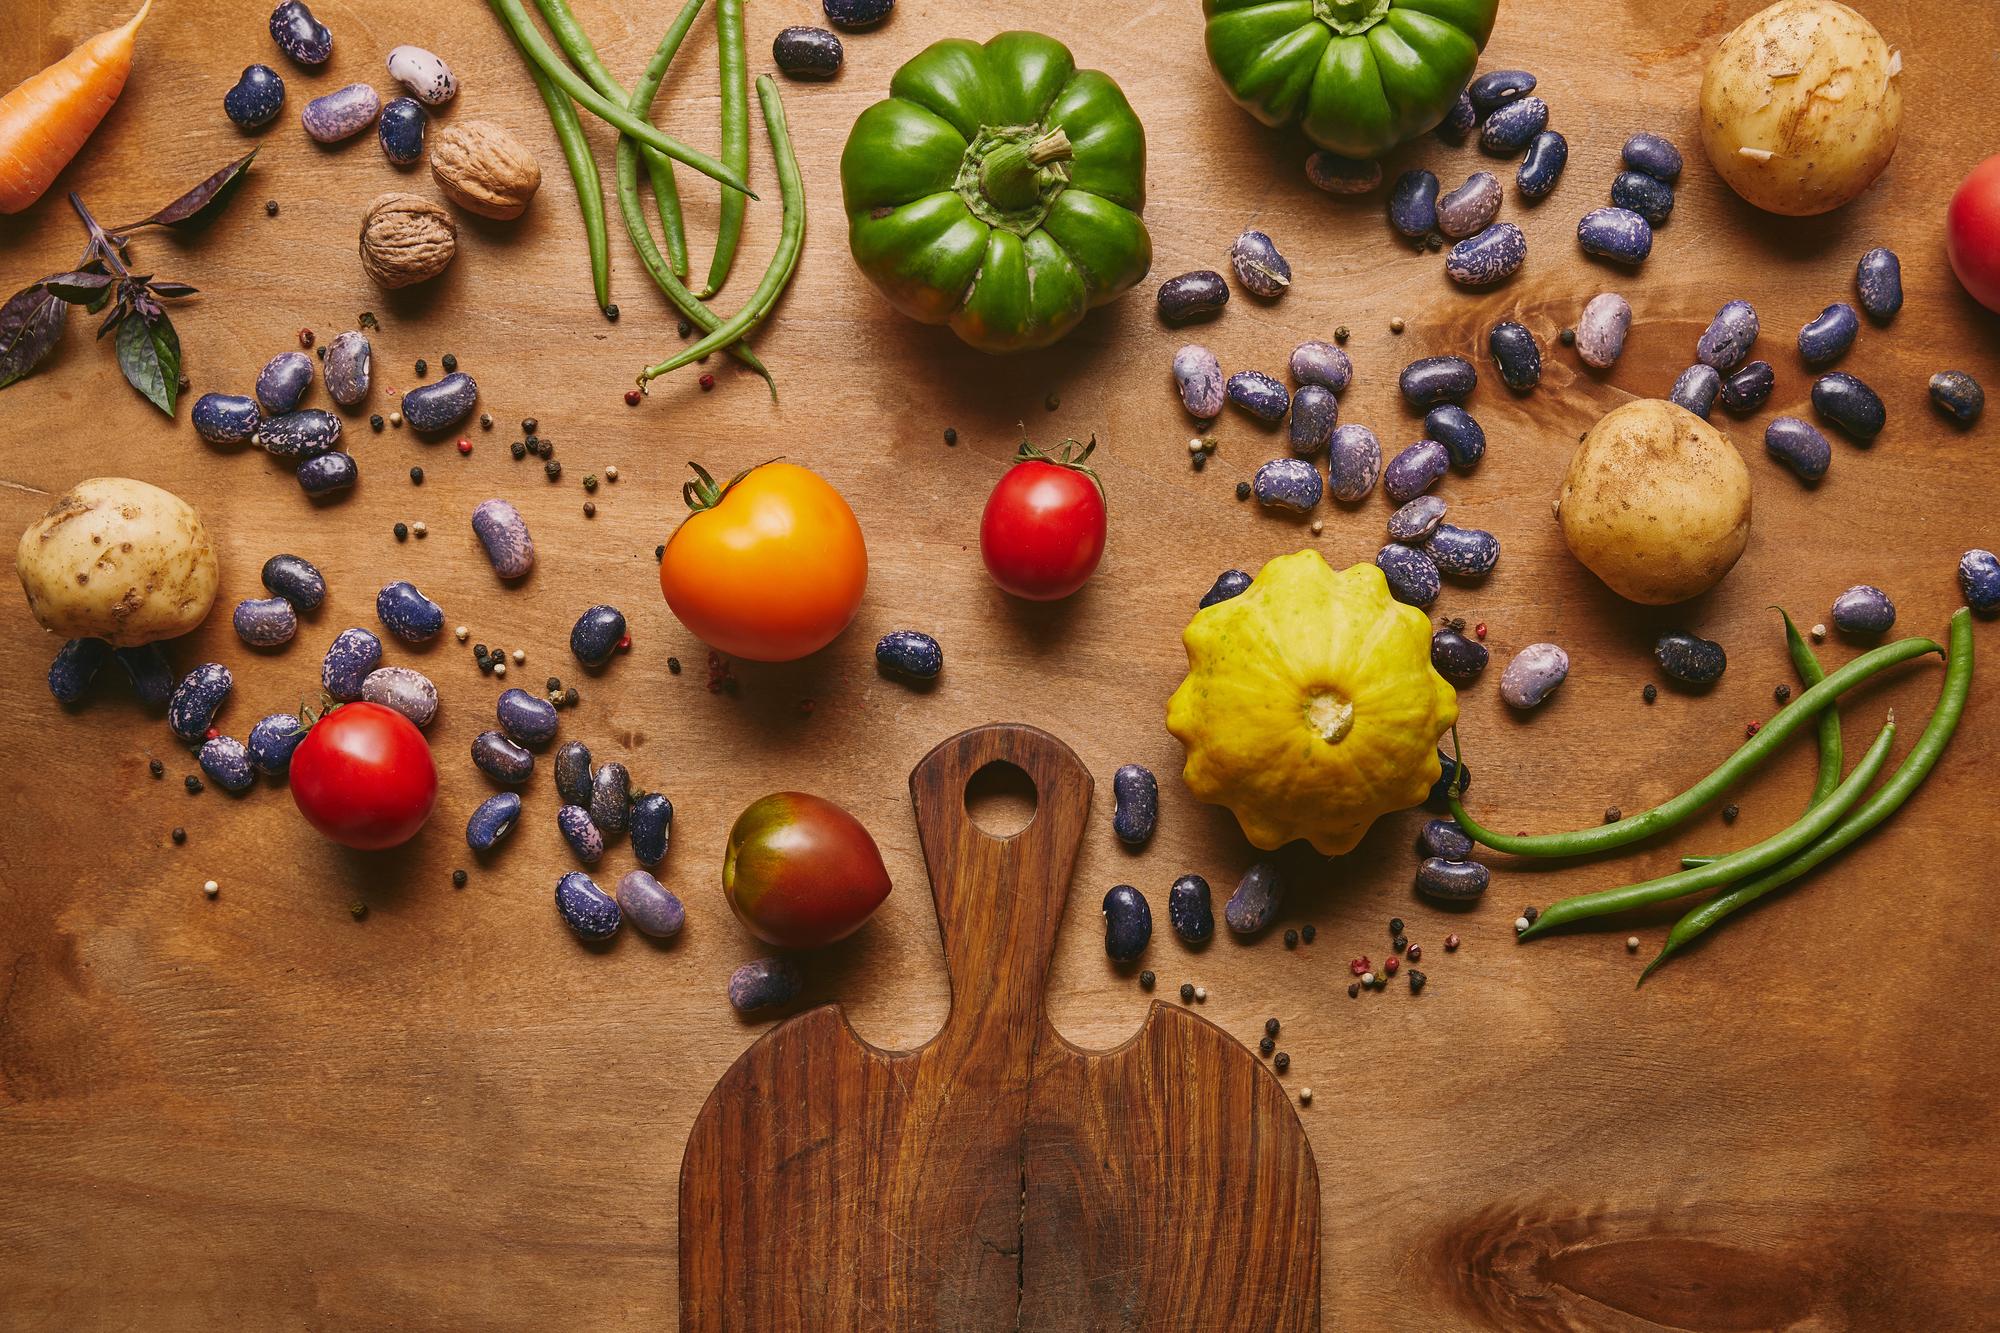 Овощной суп с патиссонами: пошаговый рецепт